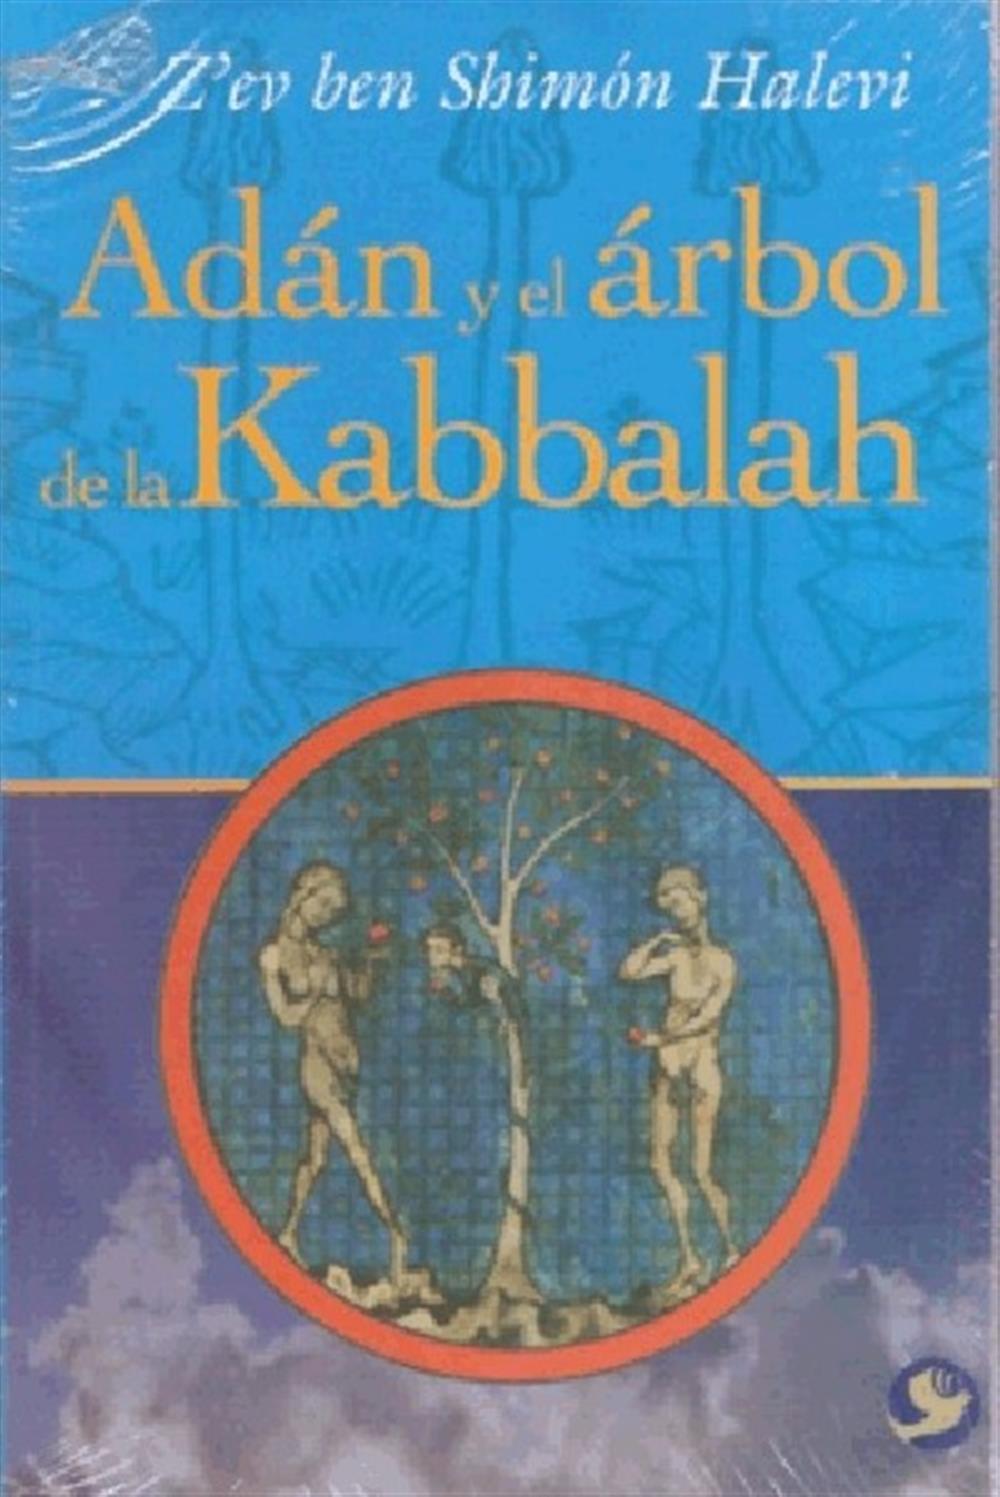 Adán y el árbol de la Kabbalah